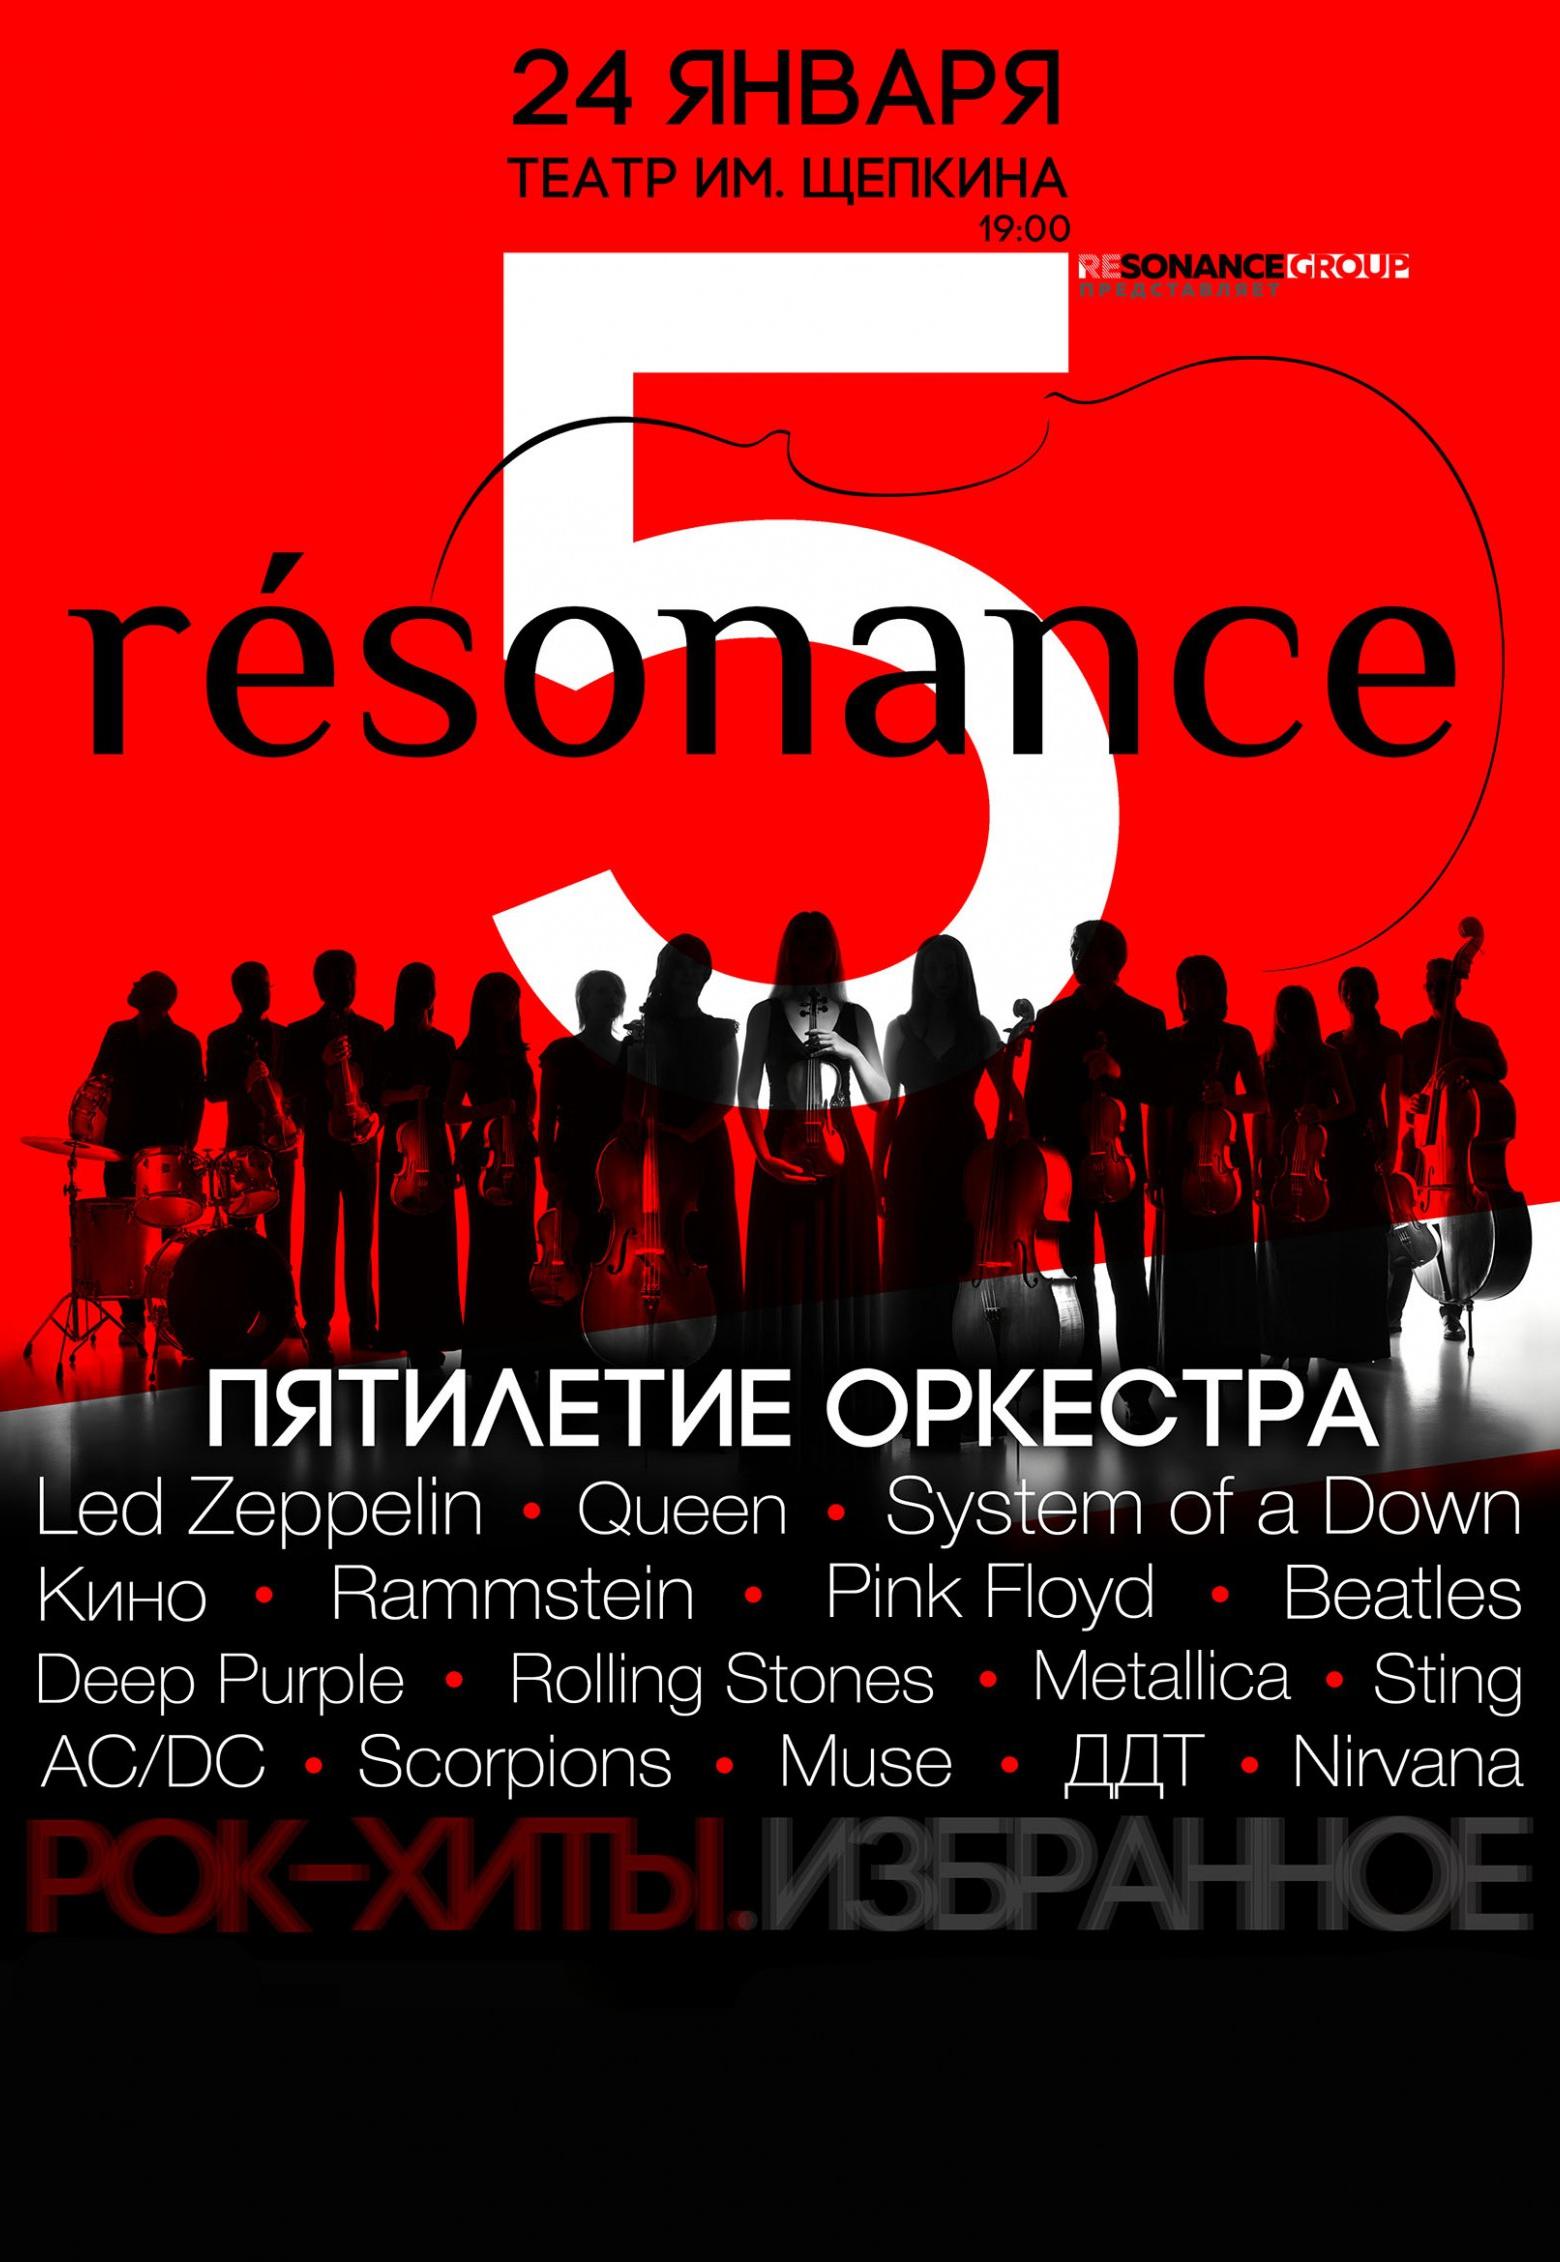 Где купить билеты на рок концерт афиша рубцовск театр